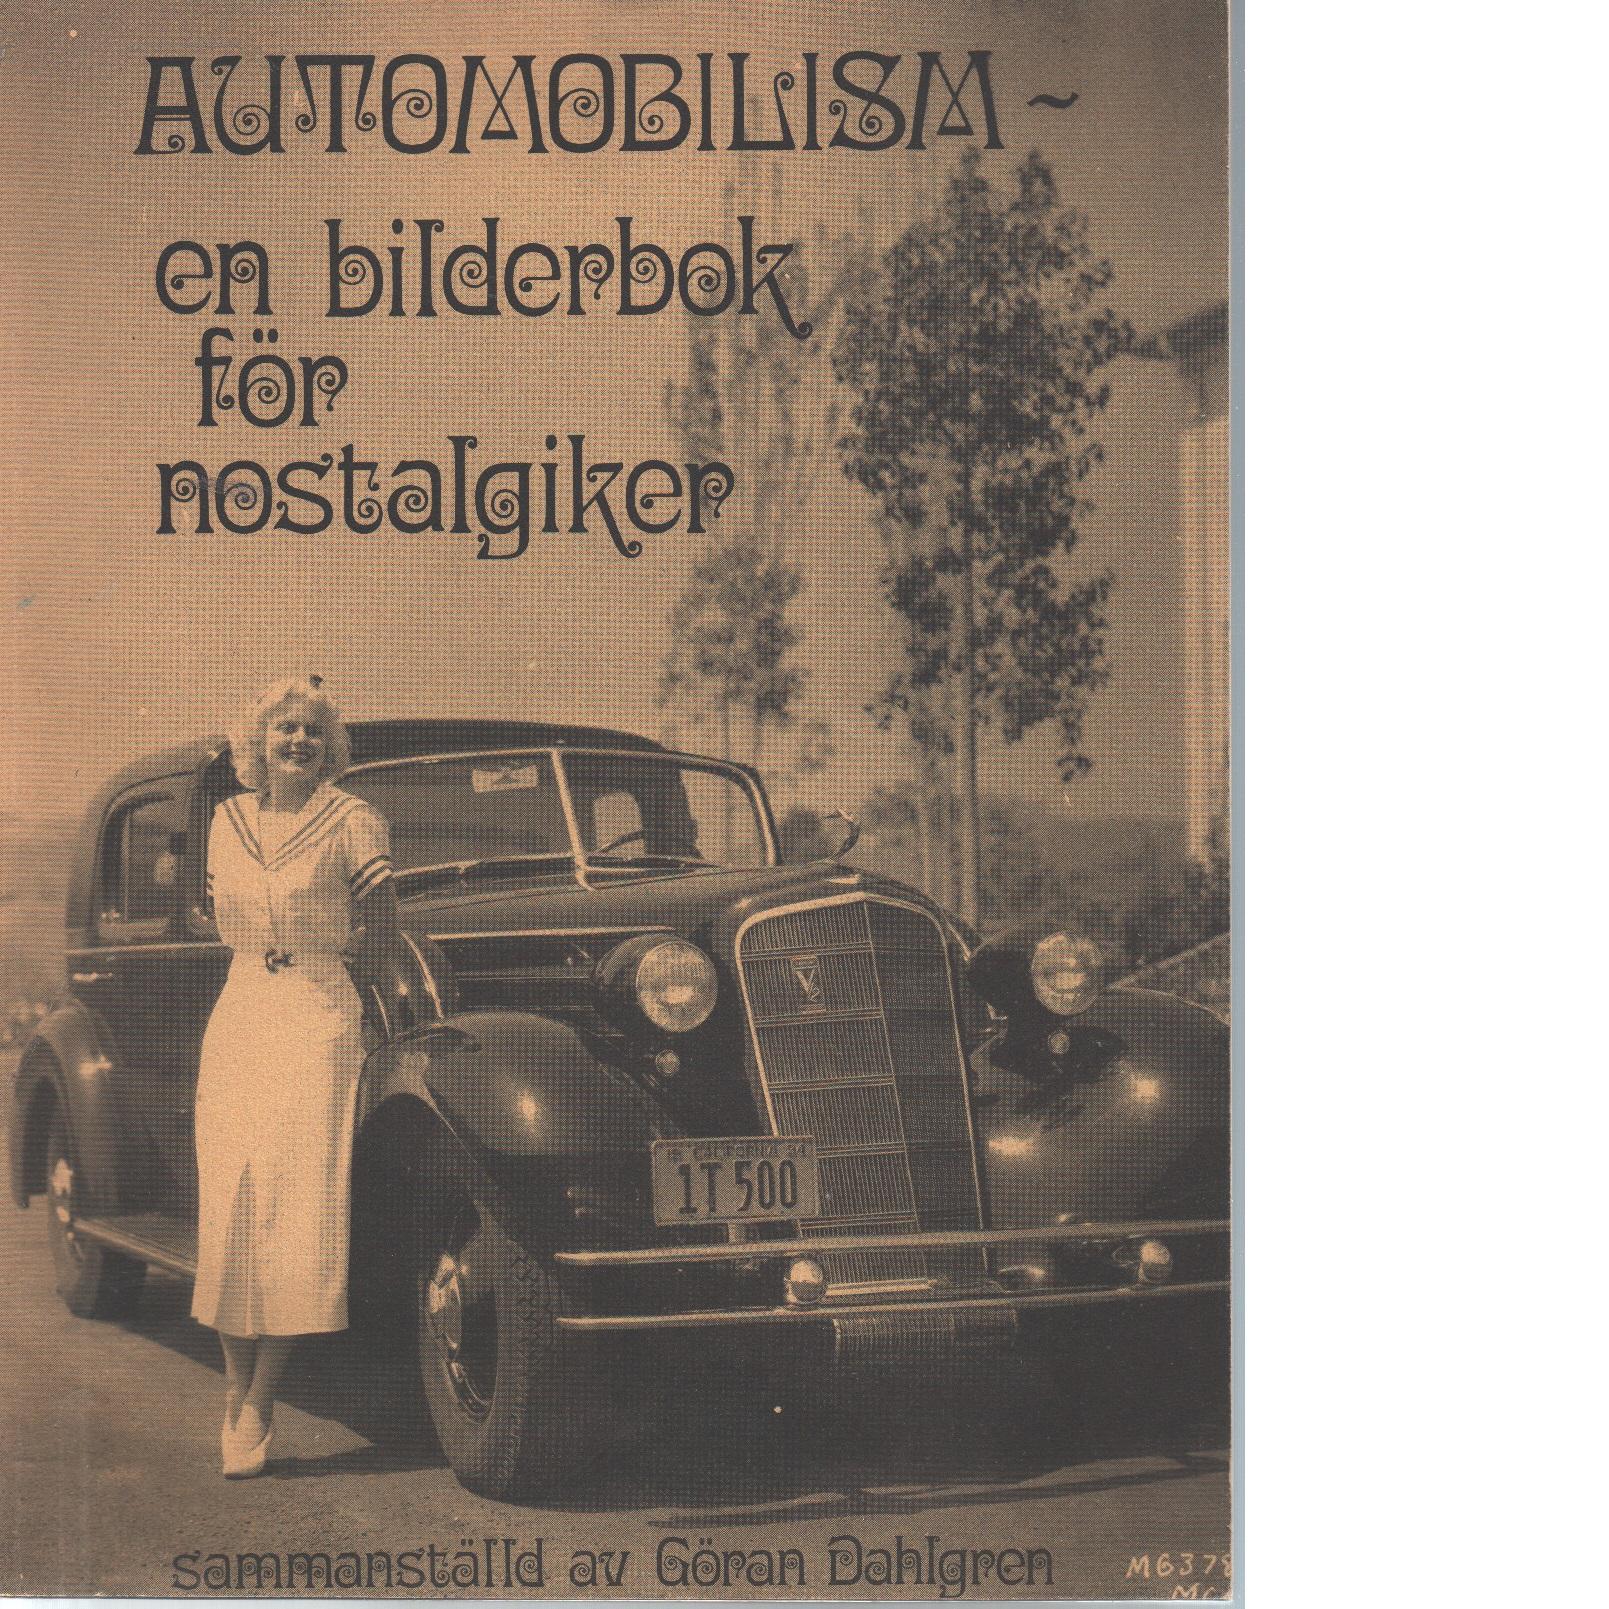 Automobilism - en bilderbok för nostalgiker - Dahlgren, Göran